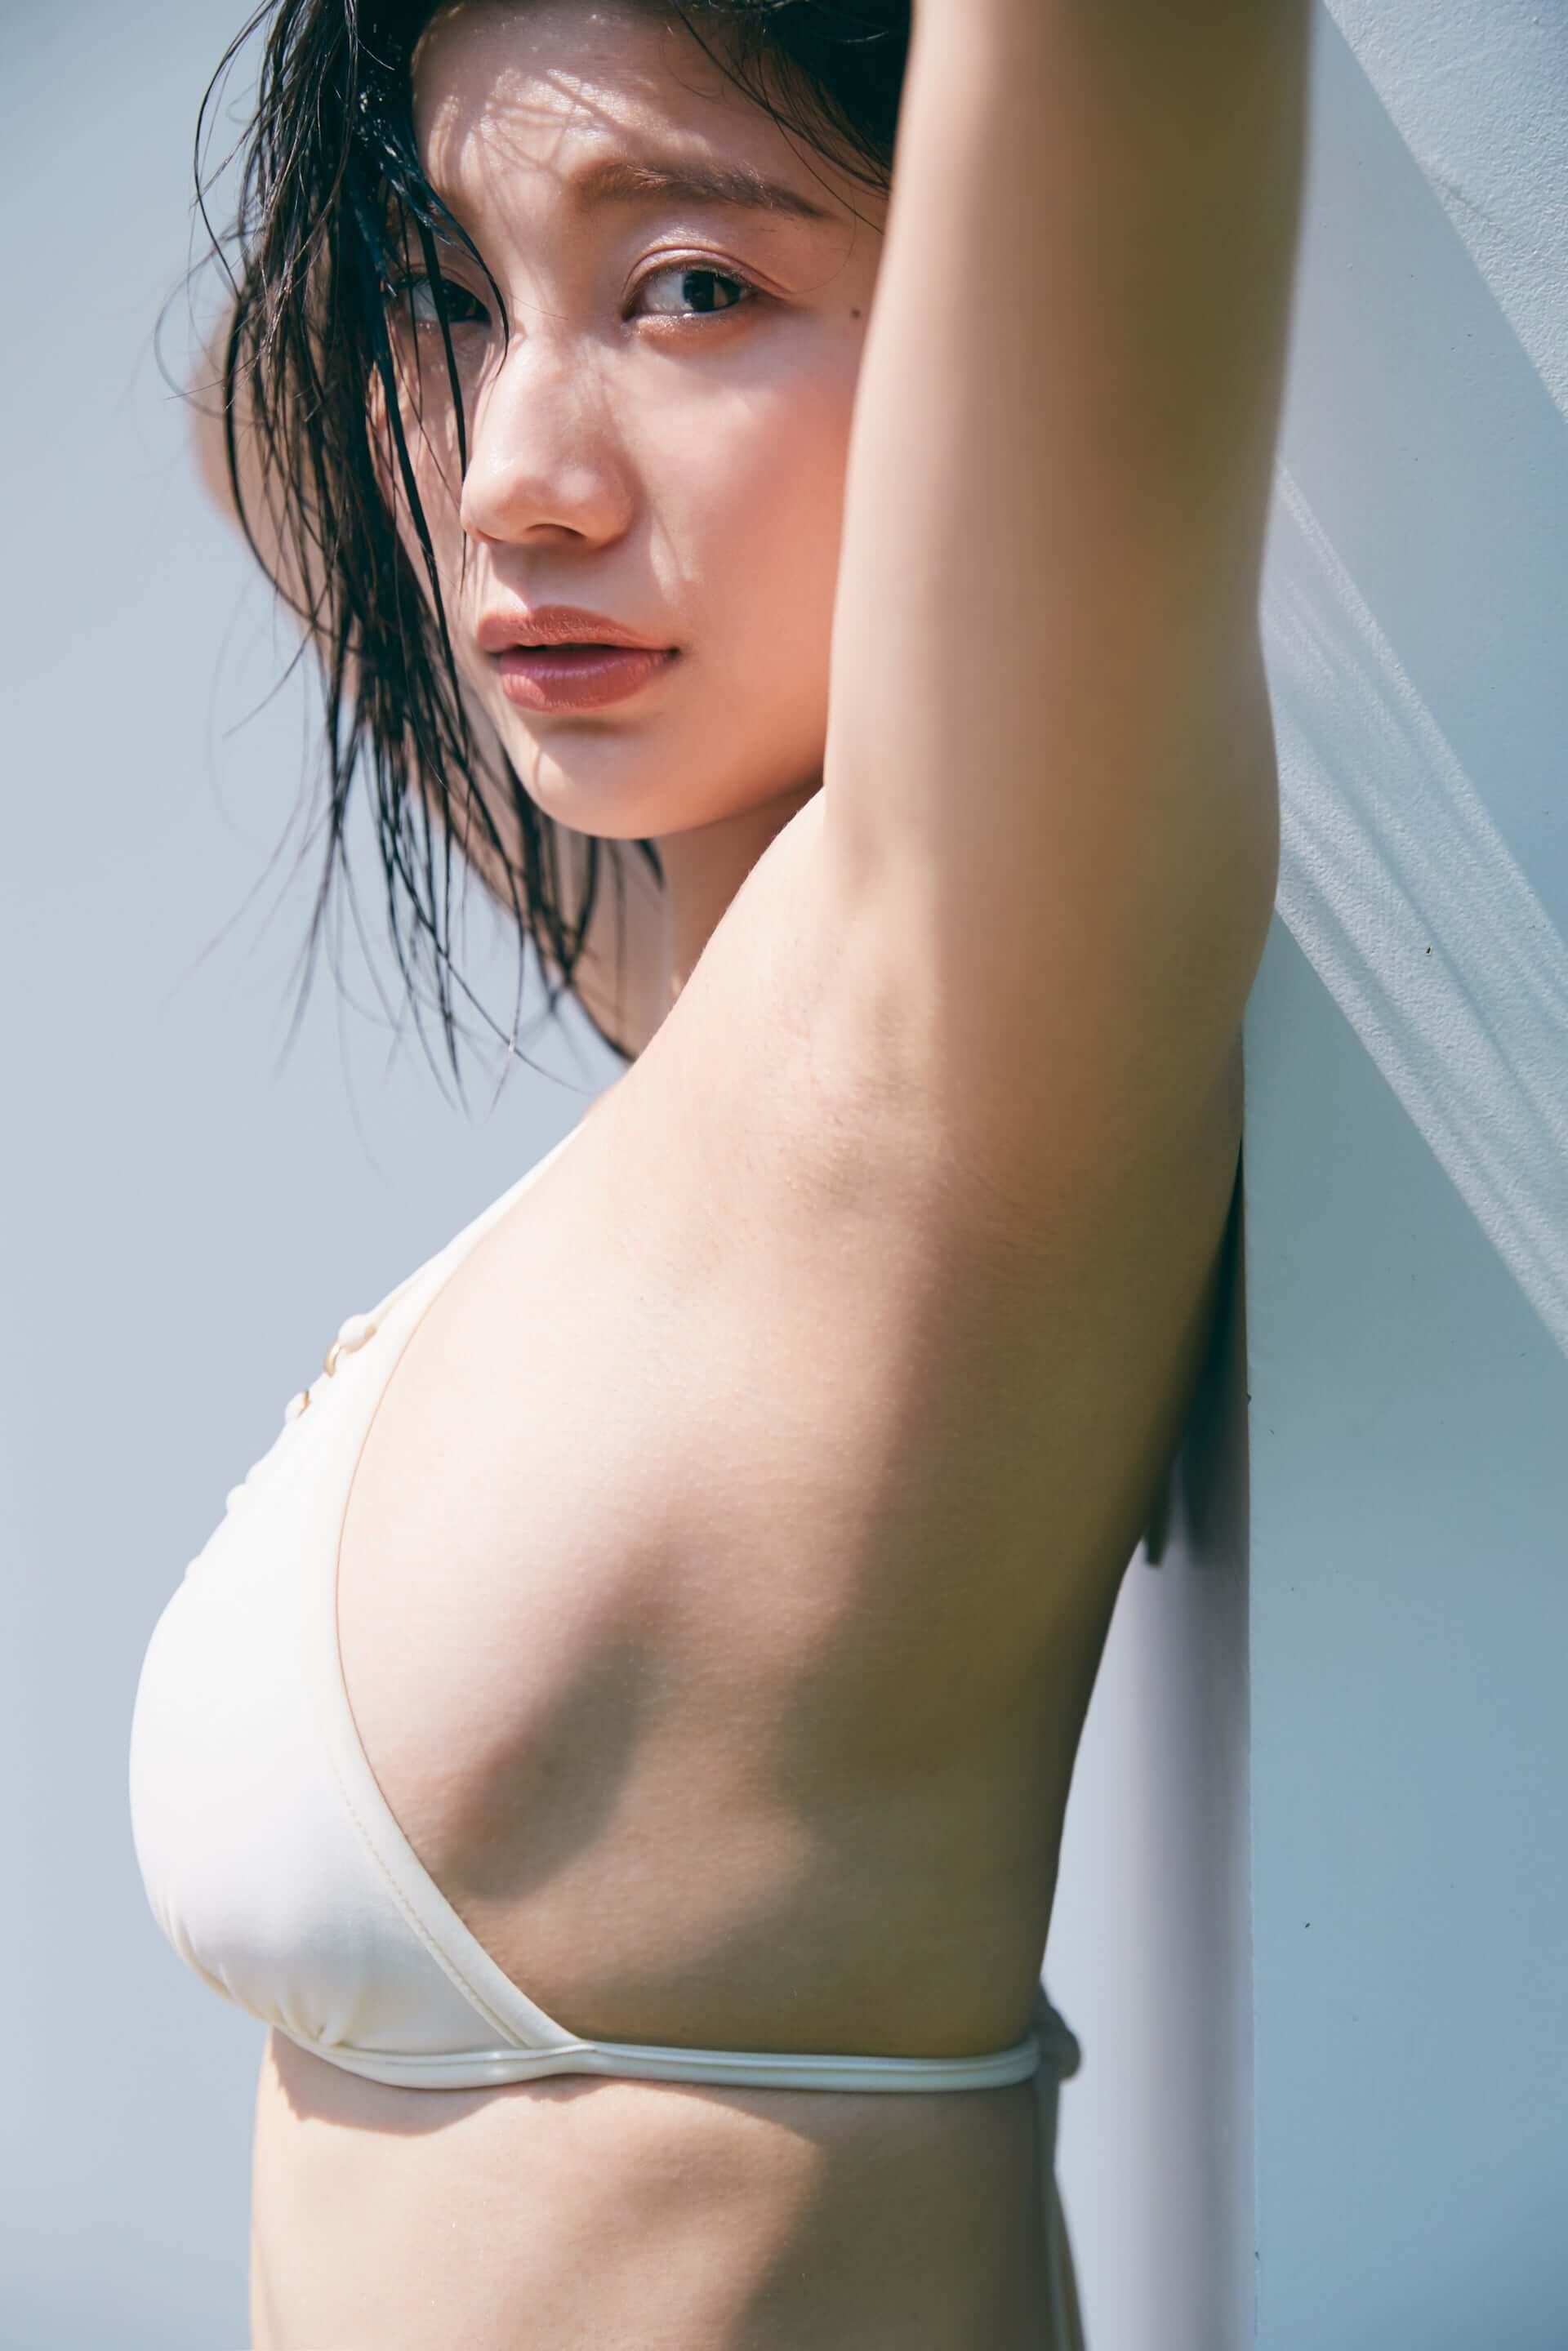 グラビア界No.1の小倉優香、デジタル写真集『ぐらぐら』でセクシーなランジェリー姿を披露!「彼氏気分を味わえる」生ボイスも収録 life190801_ogurayuka_5-1920x2879